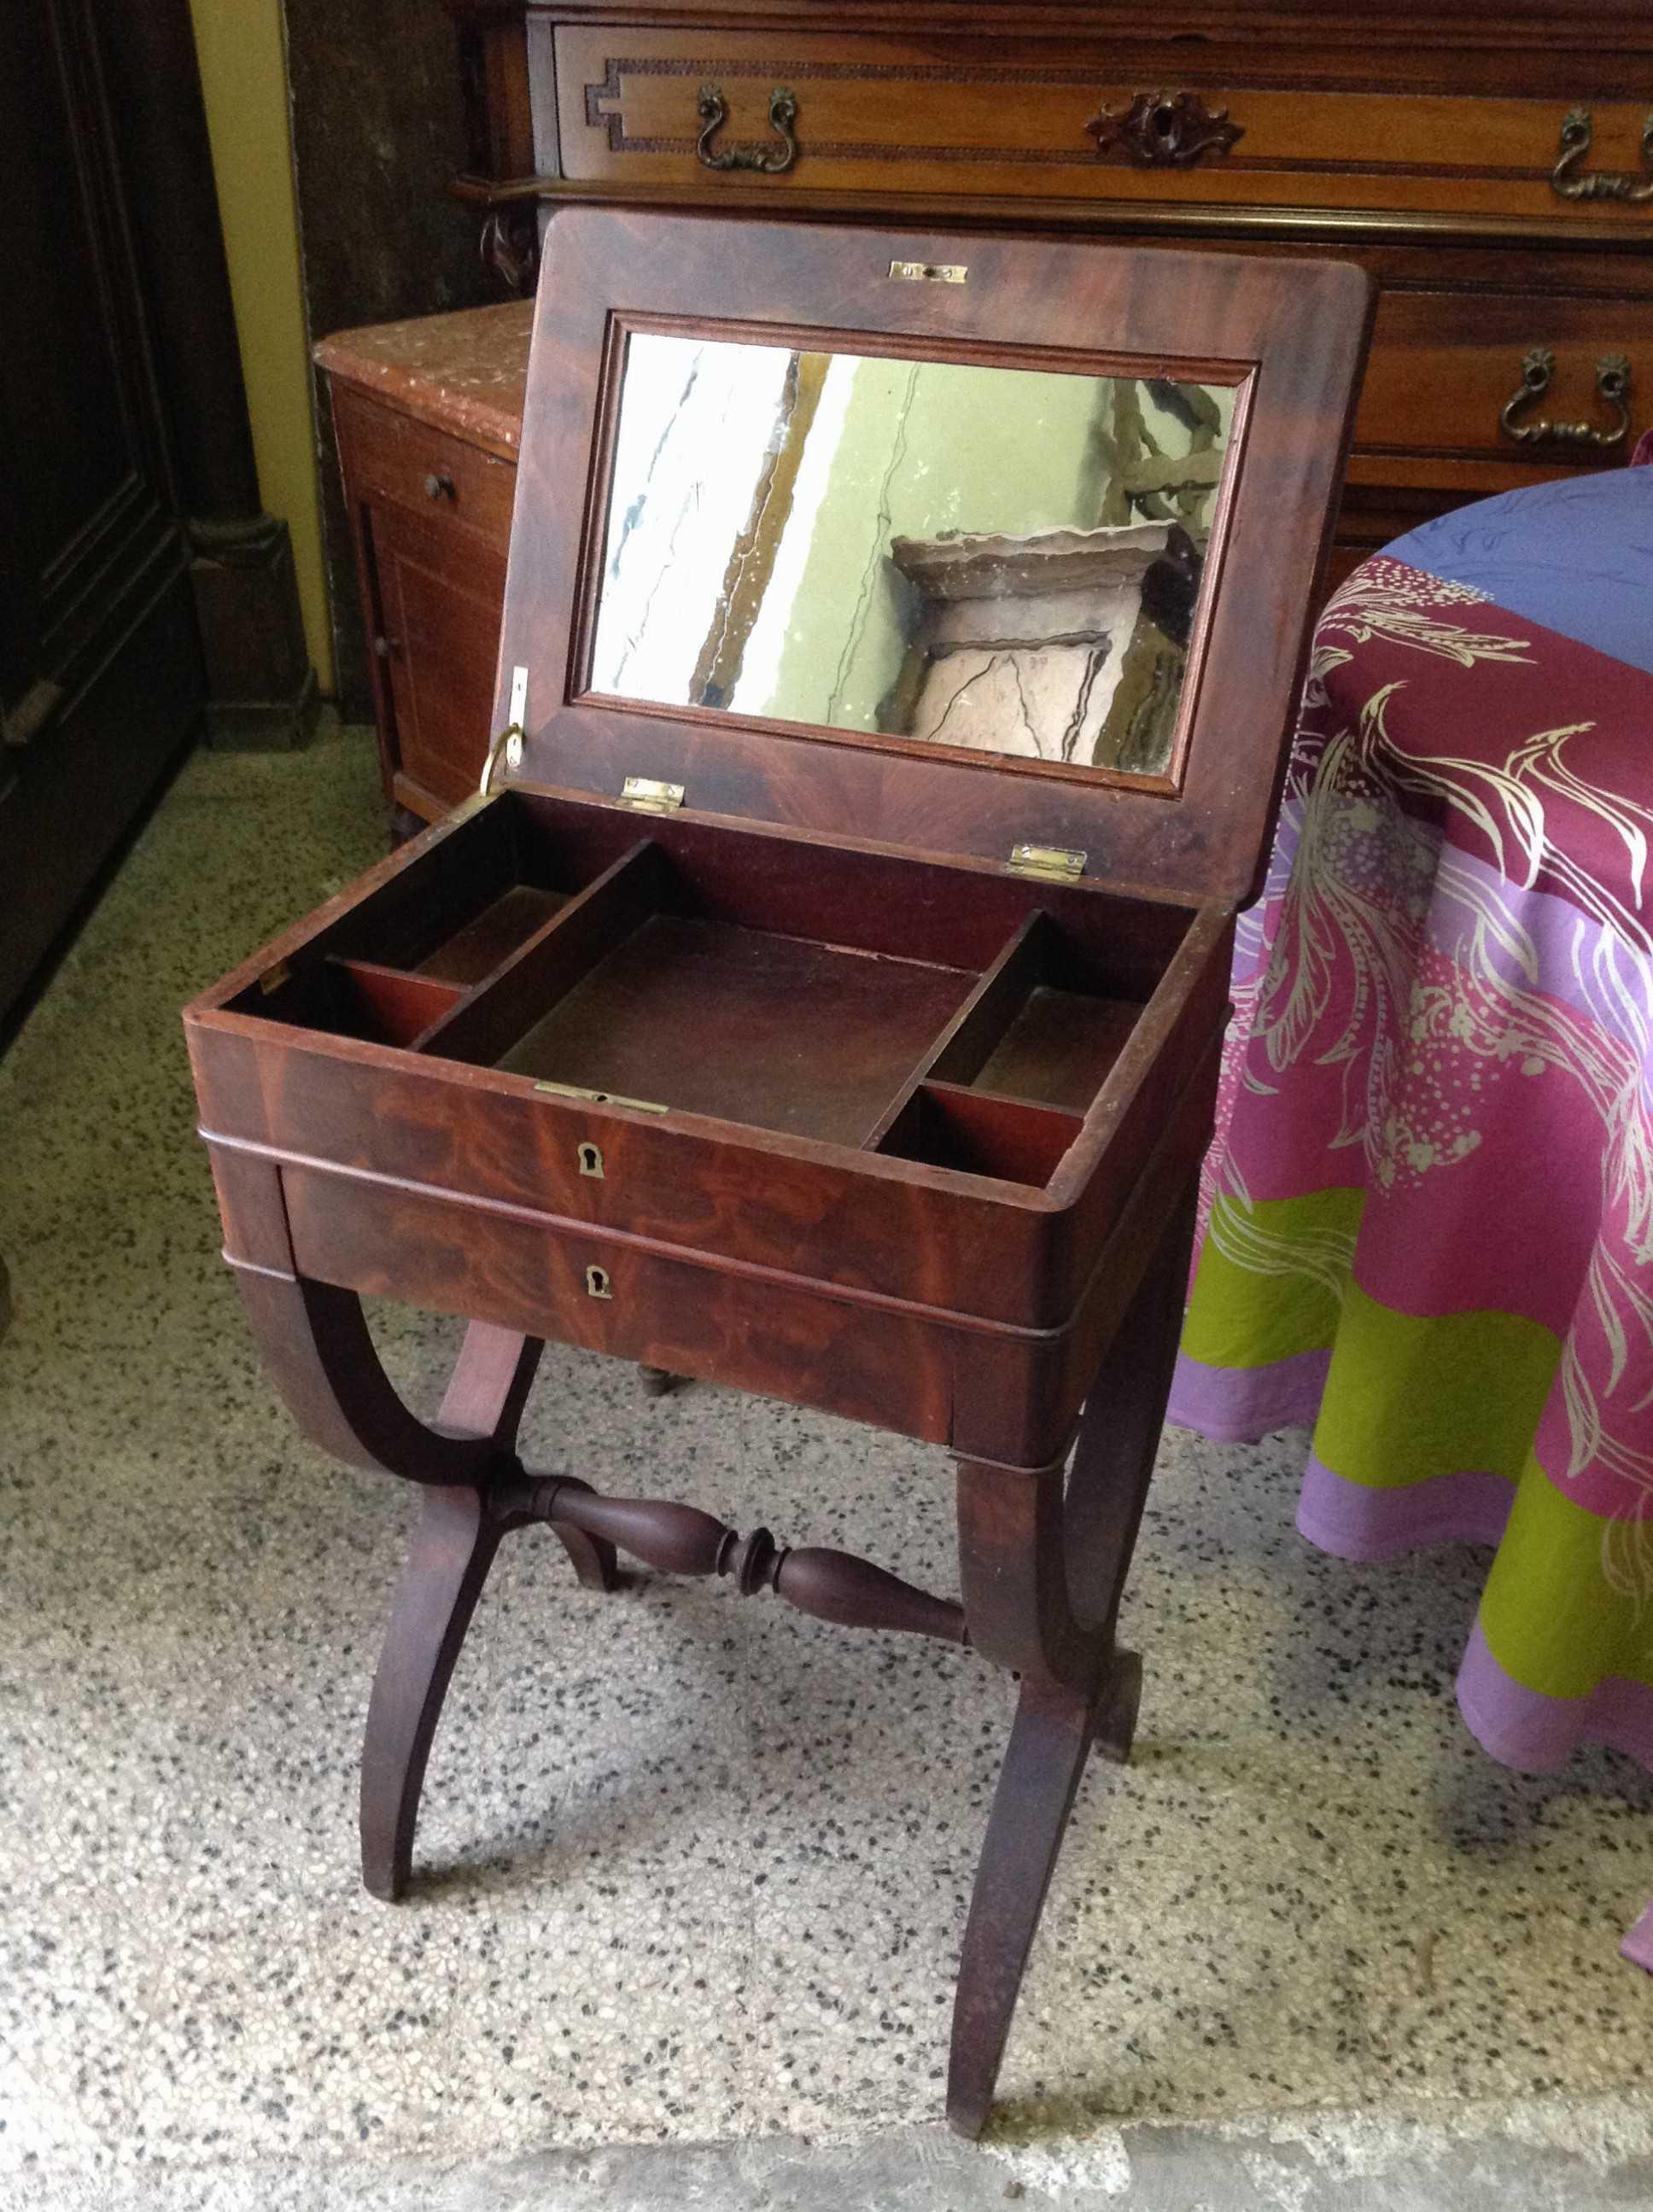 Tavolinetto impero arredamento mobili antiquariato musetti for Ebay arredamento antiquariato